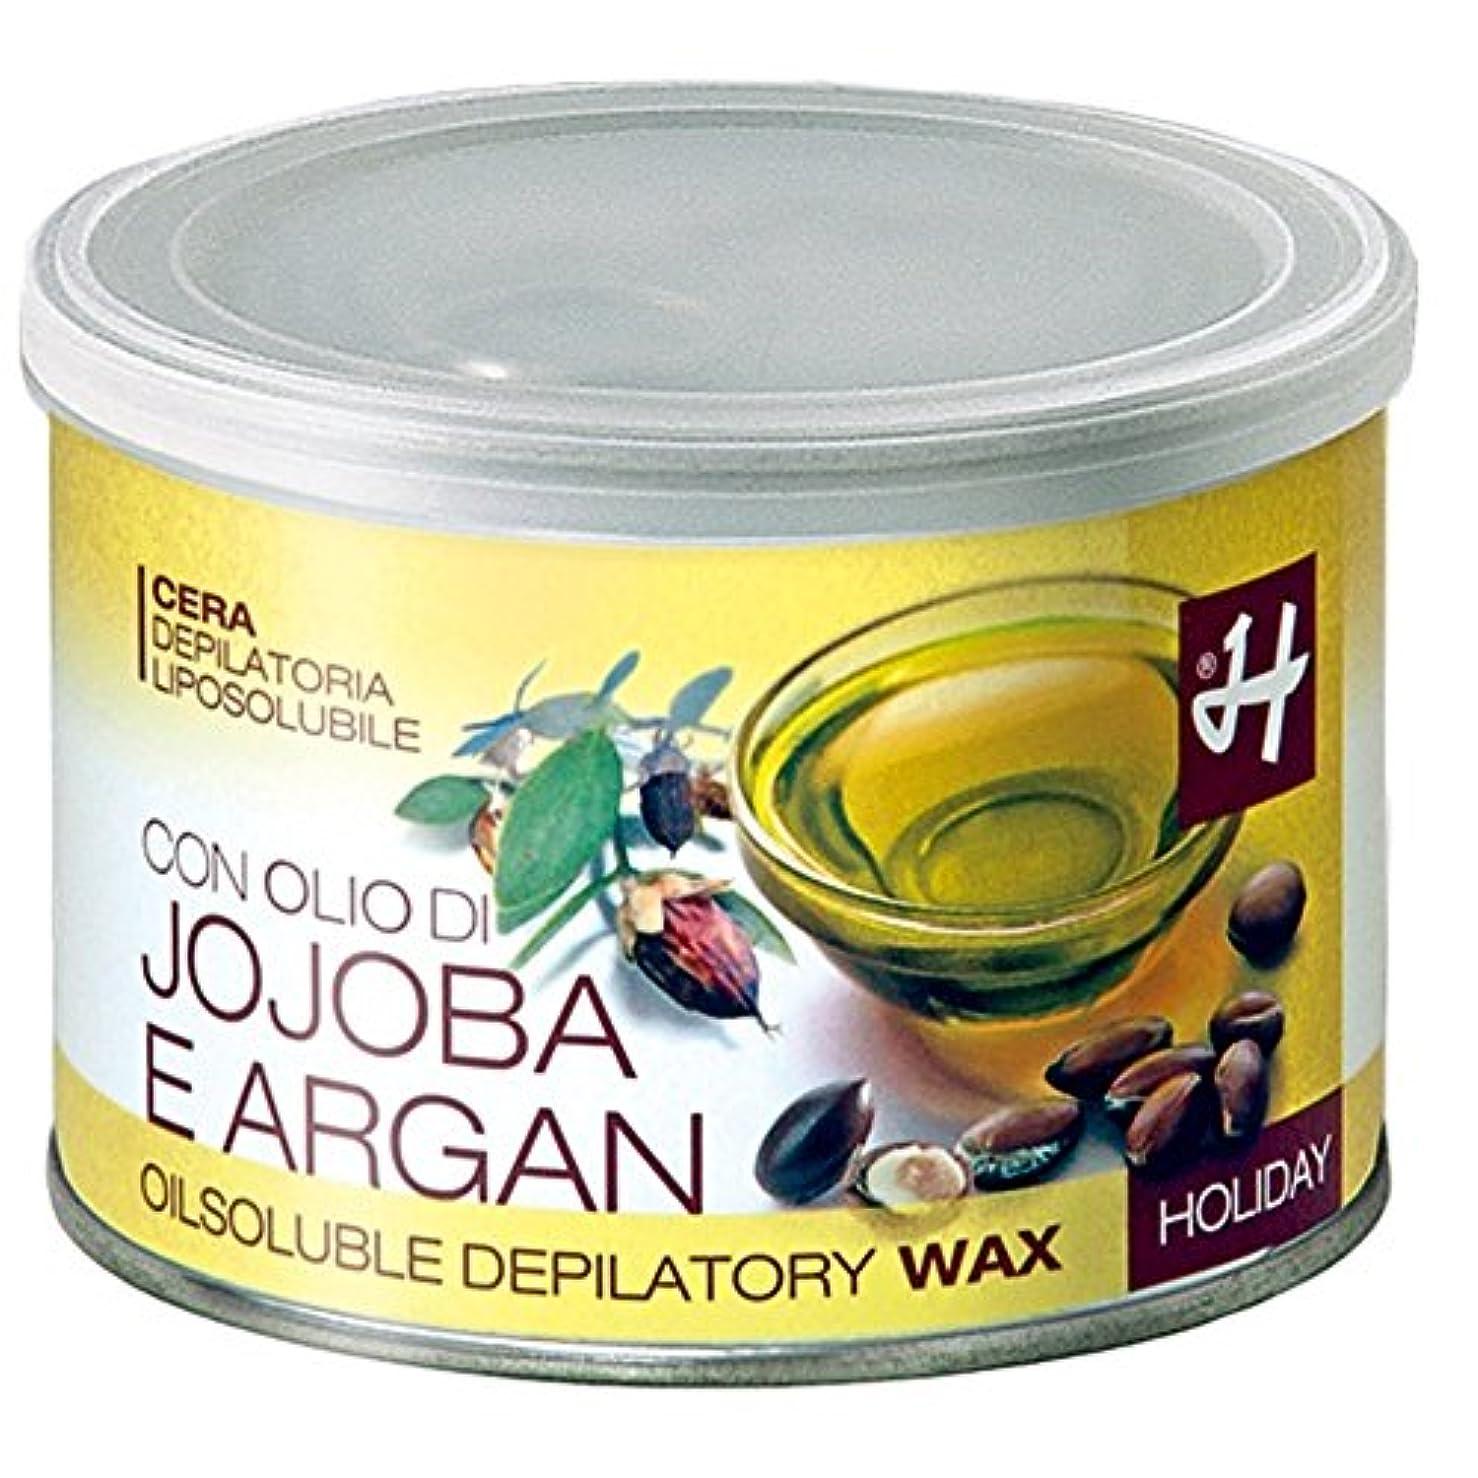 メモモナリザ息を切らしてHOLIDAY JAPAN (ホリデイジャパン) ホホバ&アルガンオイル?エレメンツ ロジンフリーワックス 400ml イタリア製 ブラジリアンワックス WAX